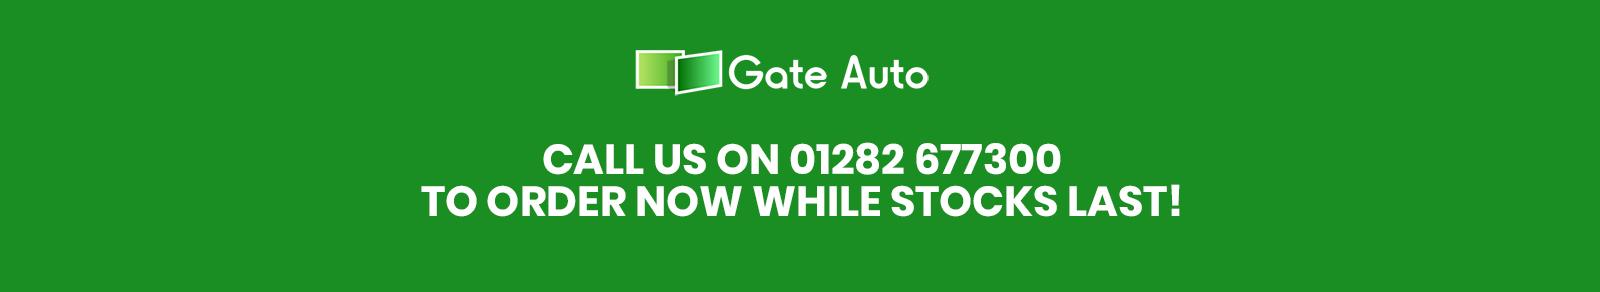 gate auto contact